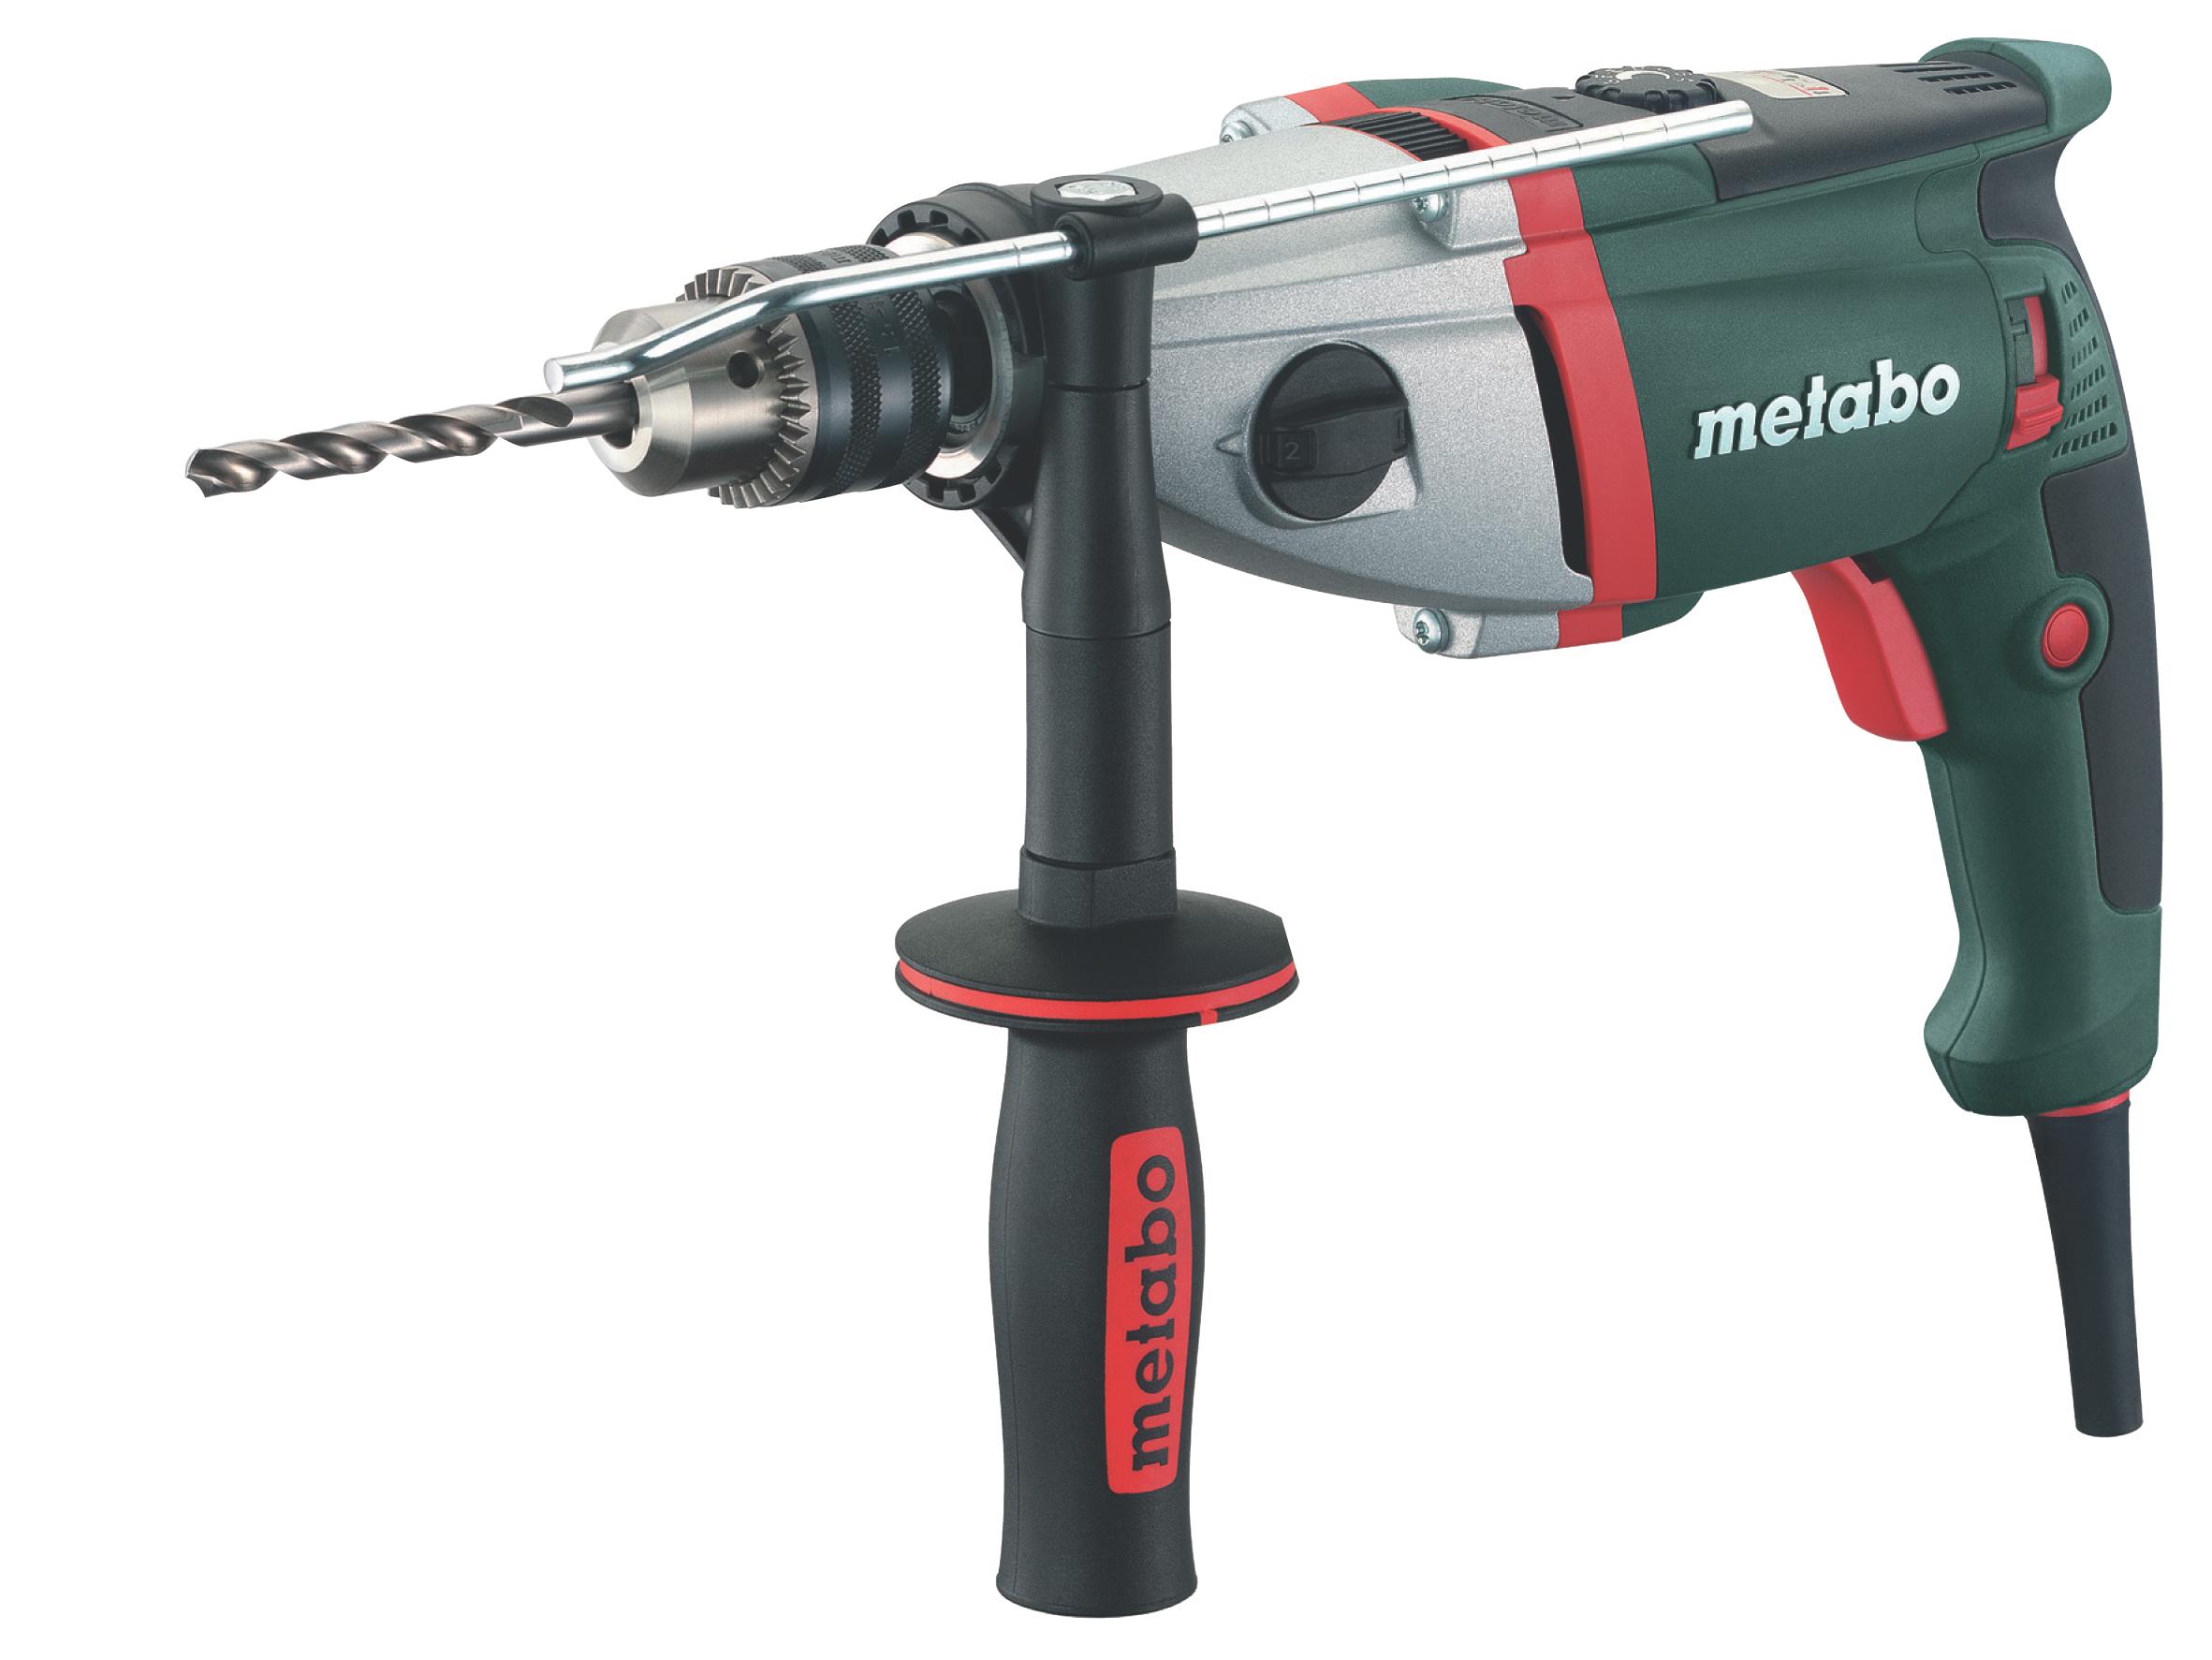 Дрель ударная Metabo SBE 1100 Plus  ударная дрель metabo sbe 1100 plus 600867500